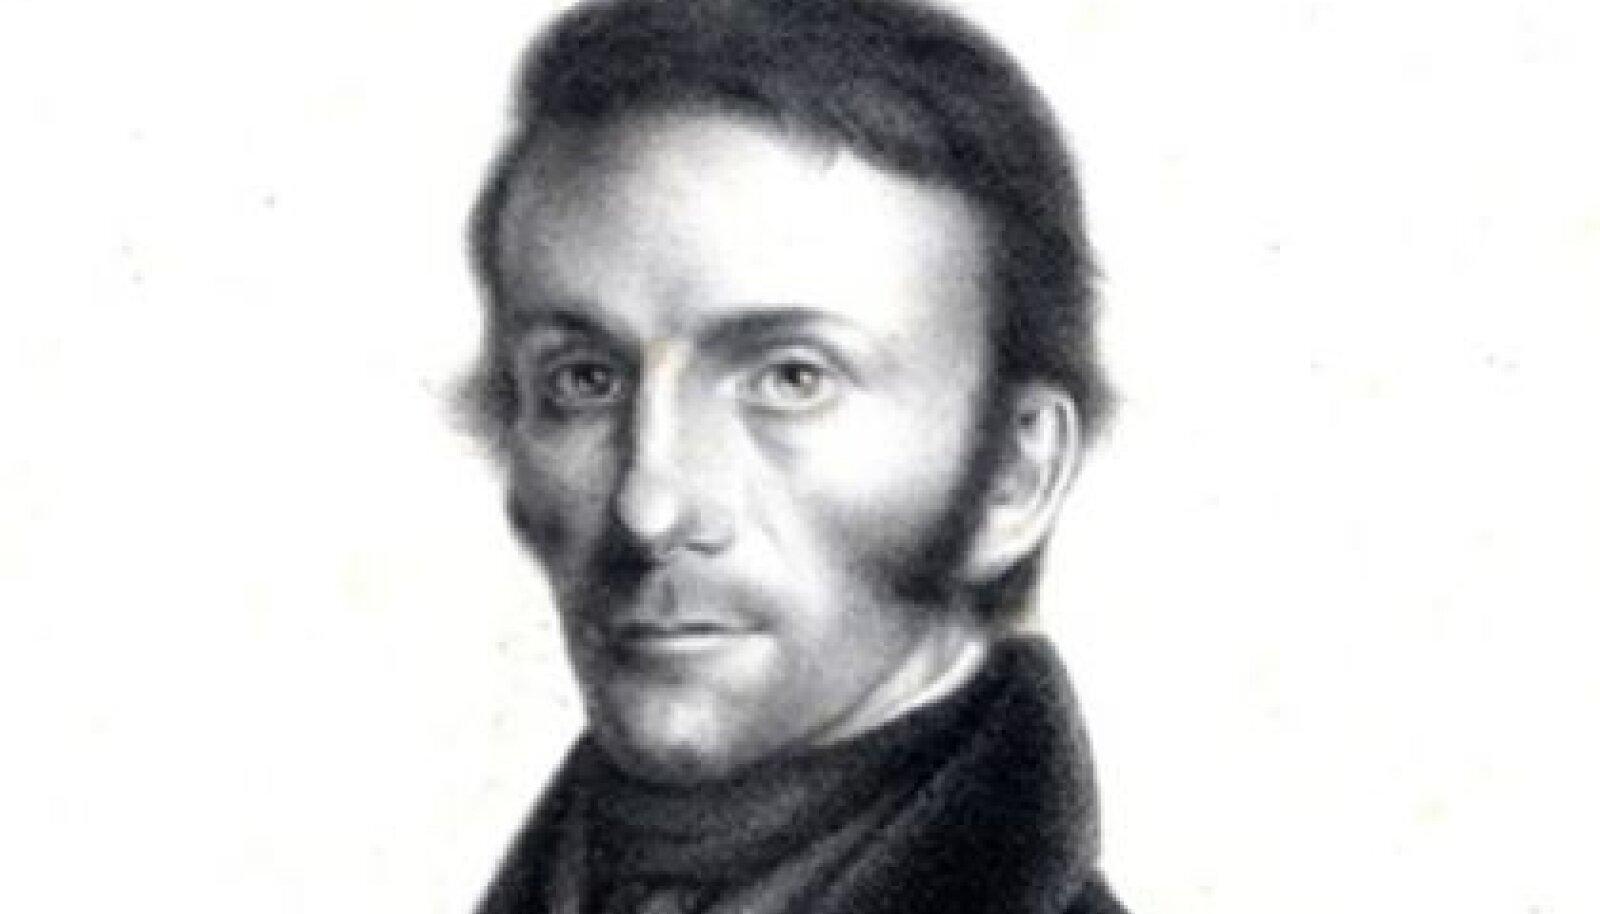 Johann Friedrich Parrot